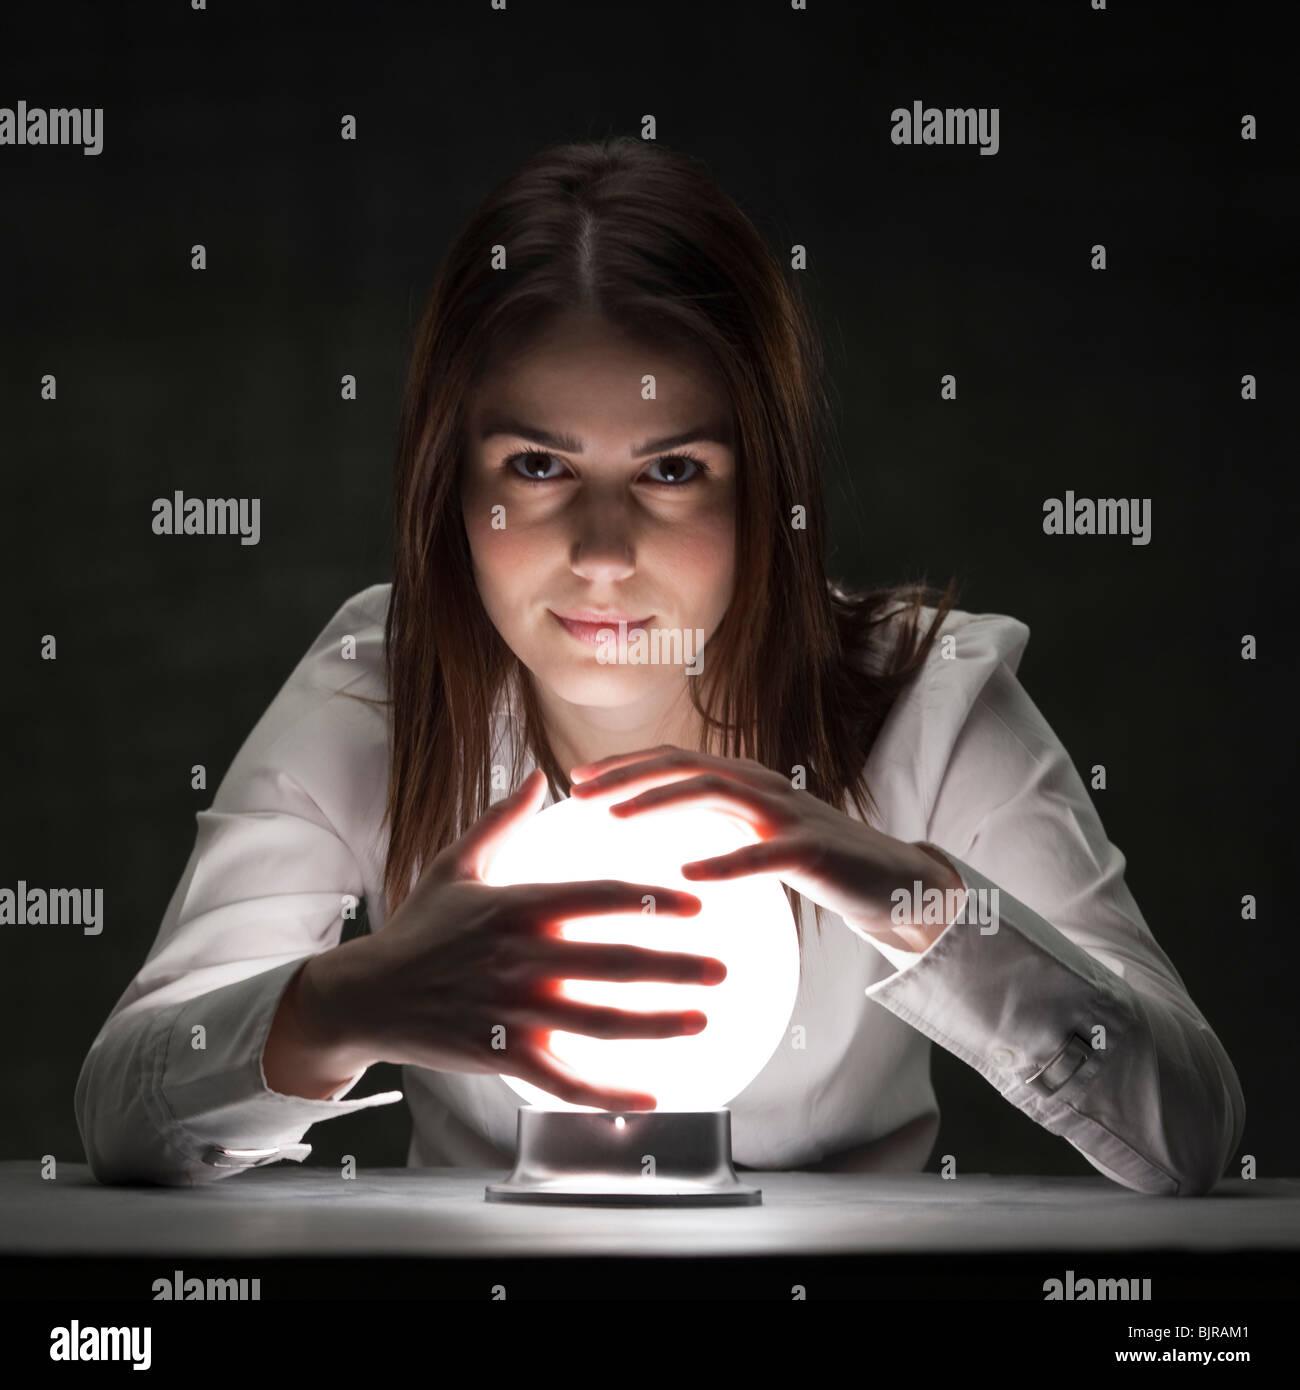 Retrato de estudio de joven mujer sosteniendo la bola de cristal Imagen De Stock